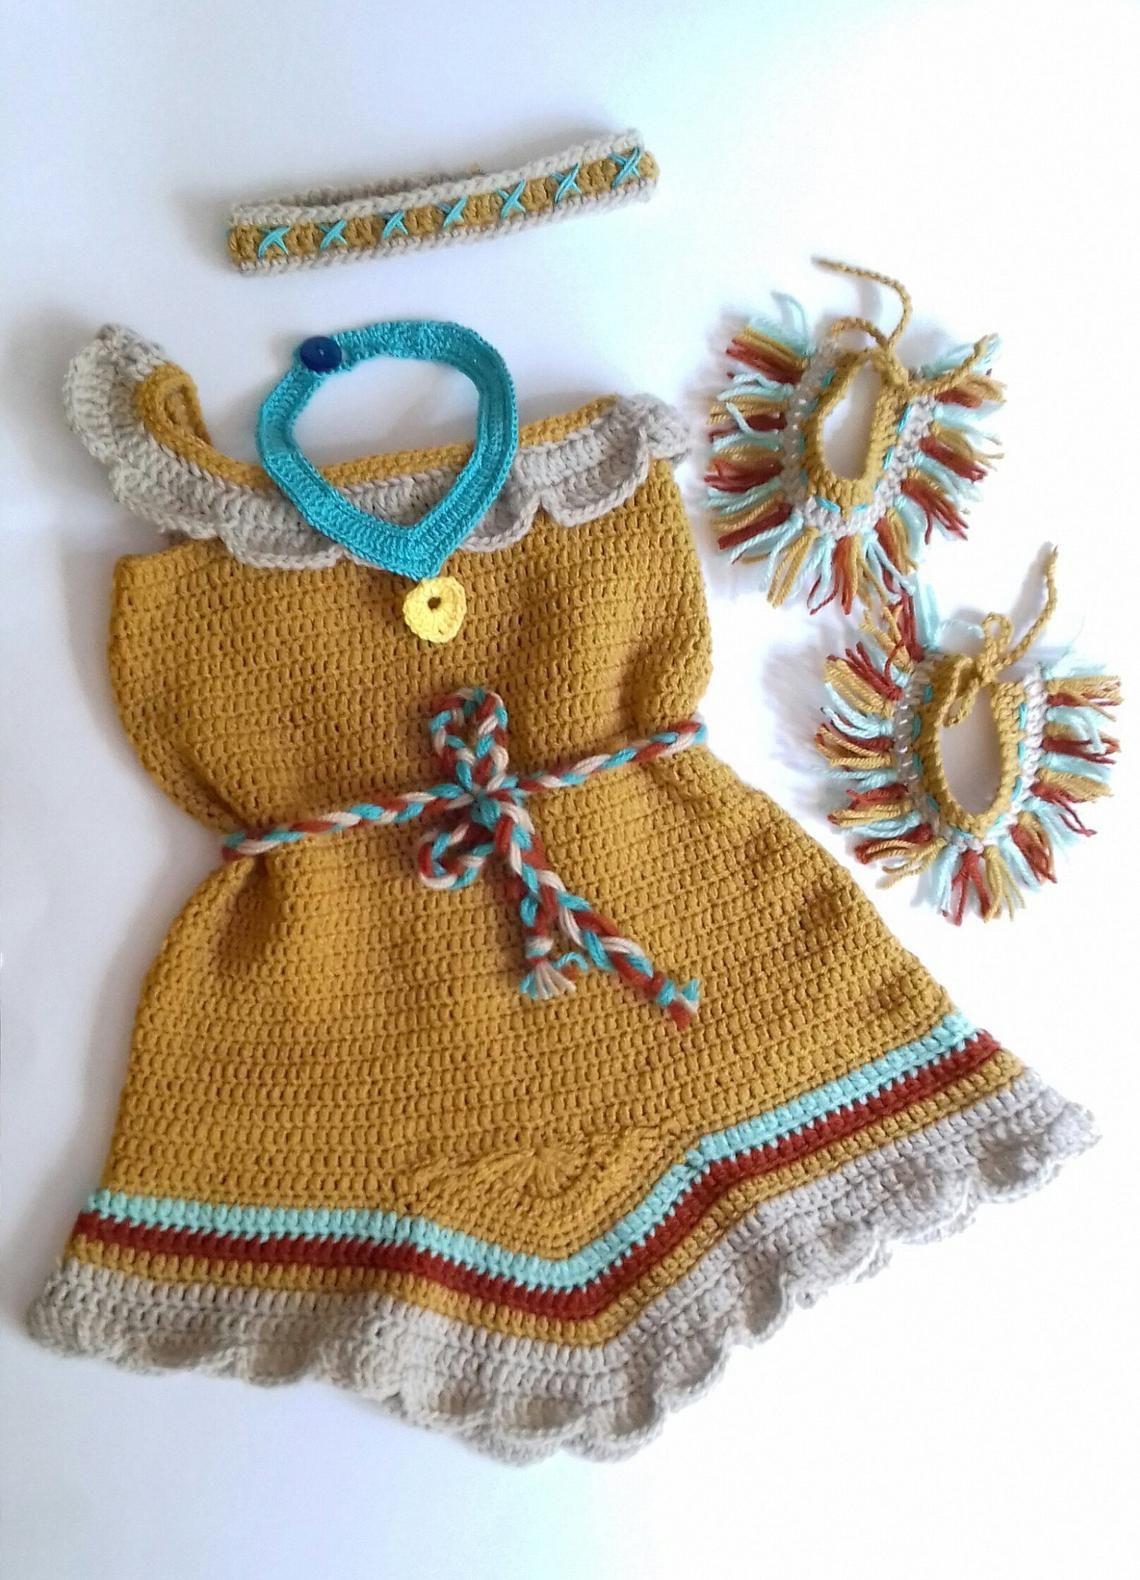 Amerikanische Native Baby indische Kultur inspiriert Foto Prop Neugeborenen indischen Prinzessin Outfit ersten Geburtstag Outfit indische Kostüm Halloween Kinder #indianbeddoll